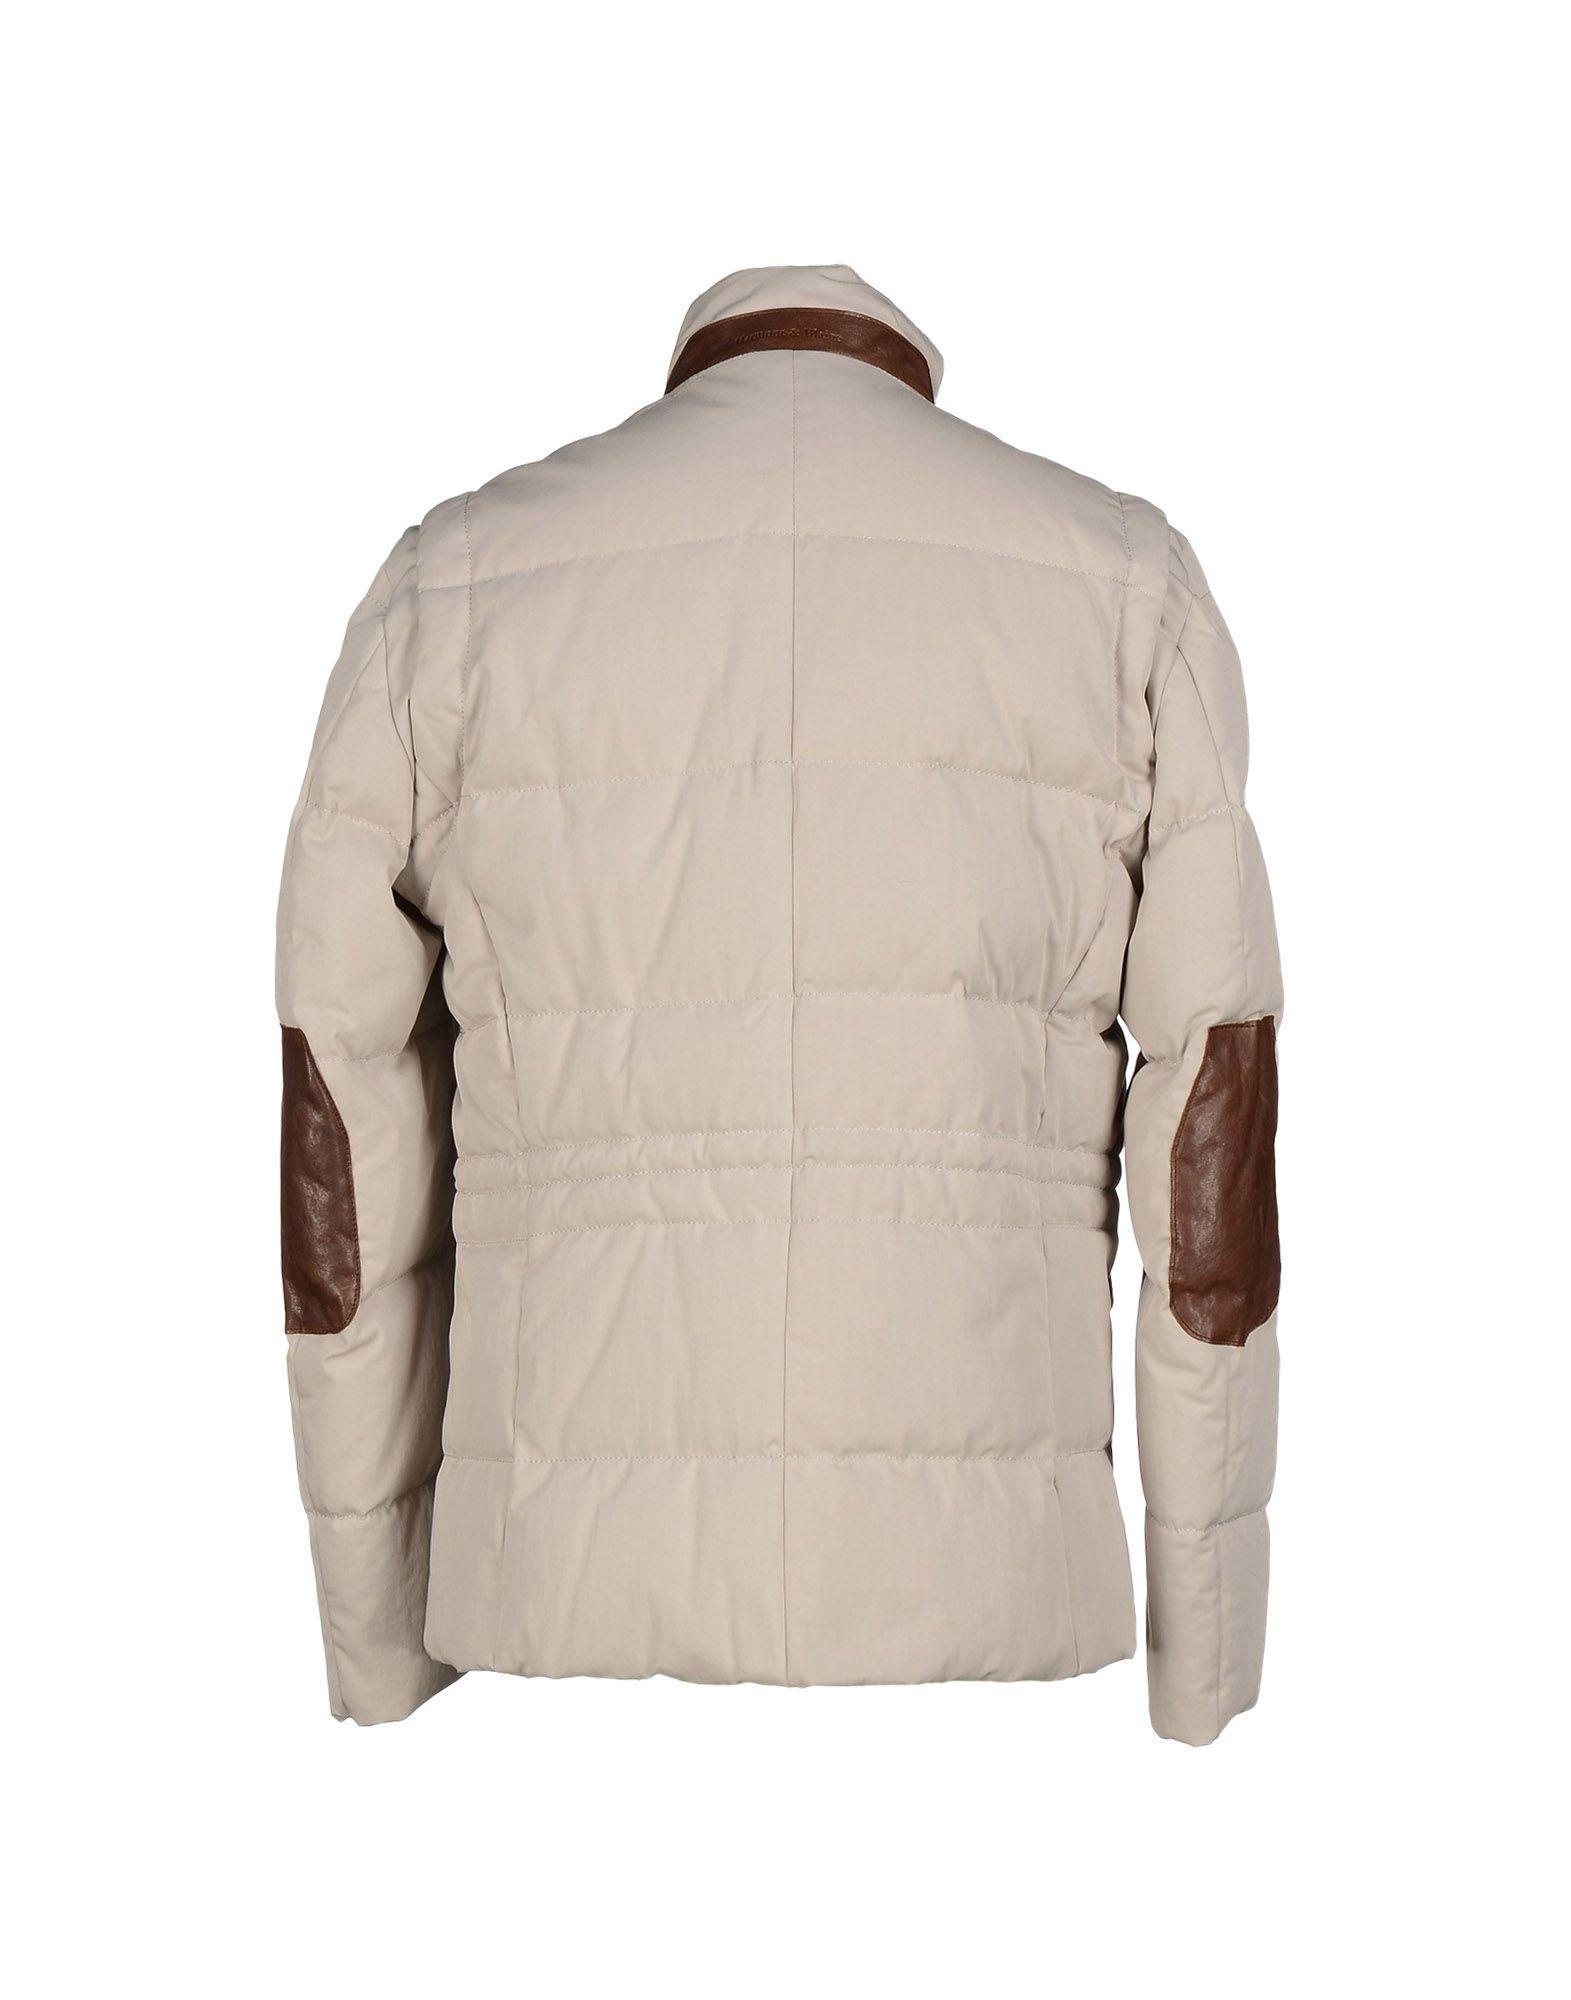 harmont and blaine jacket - photo #9